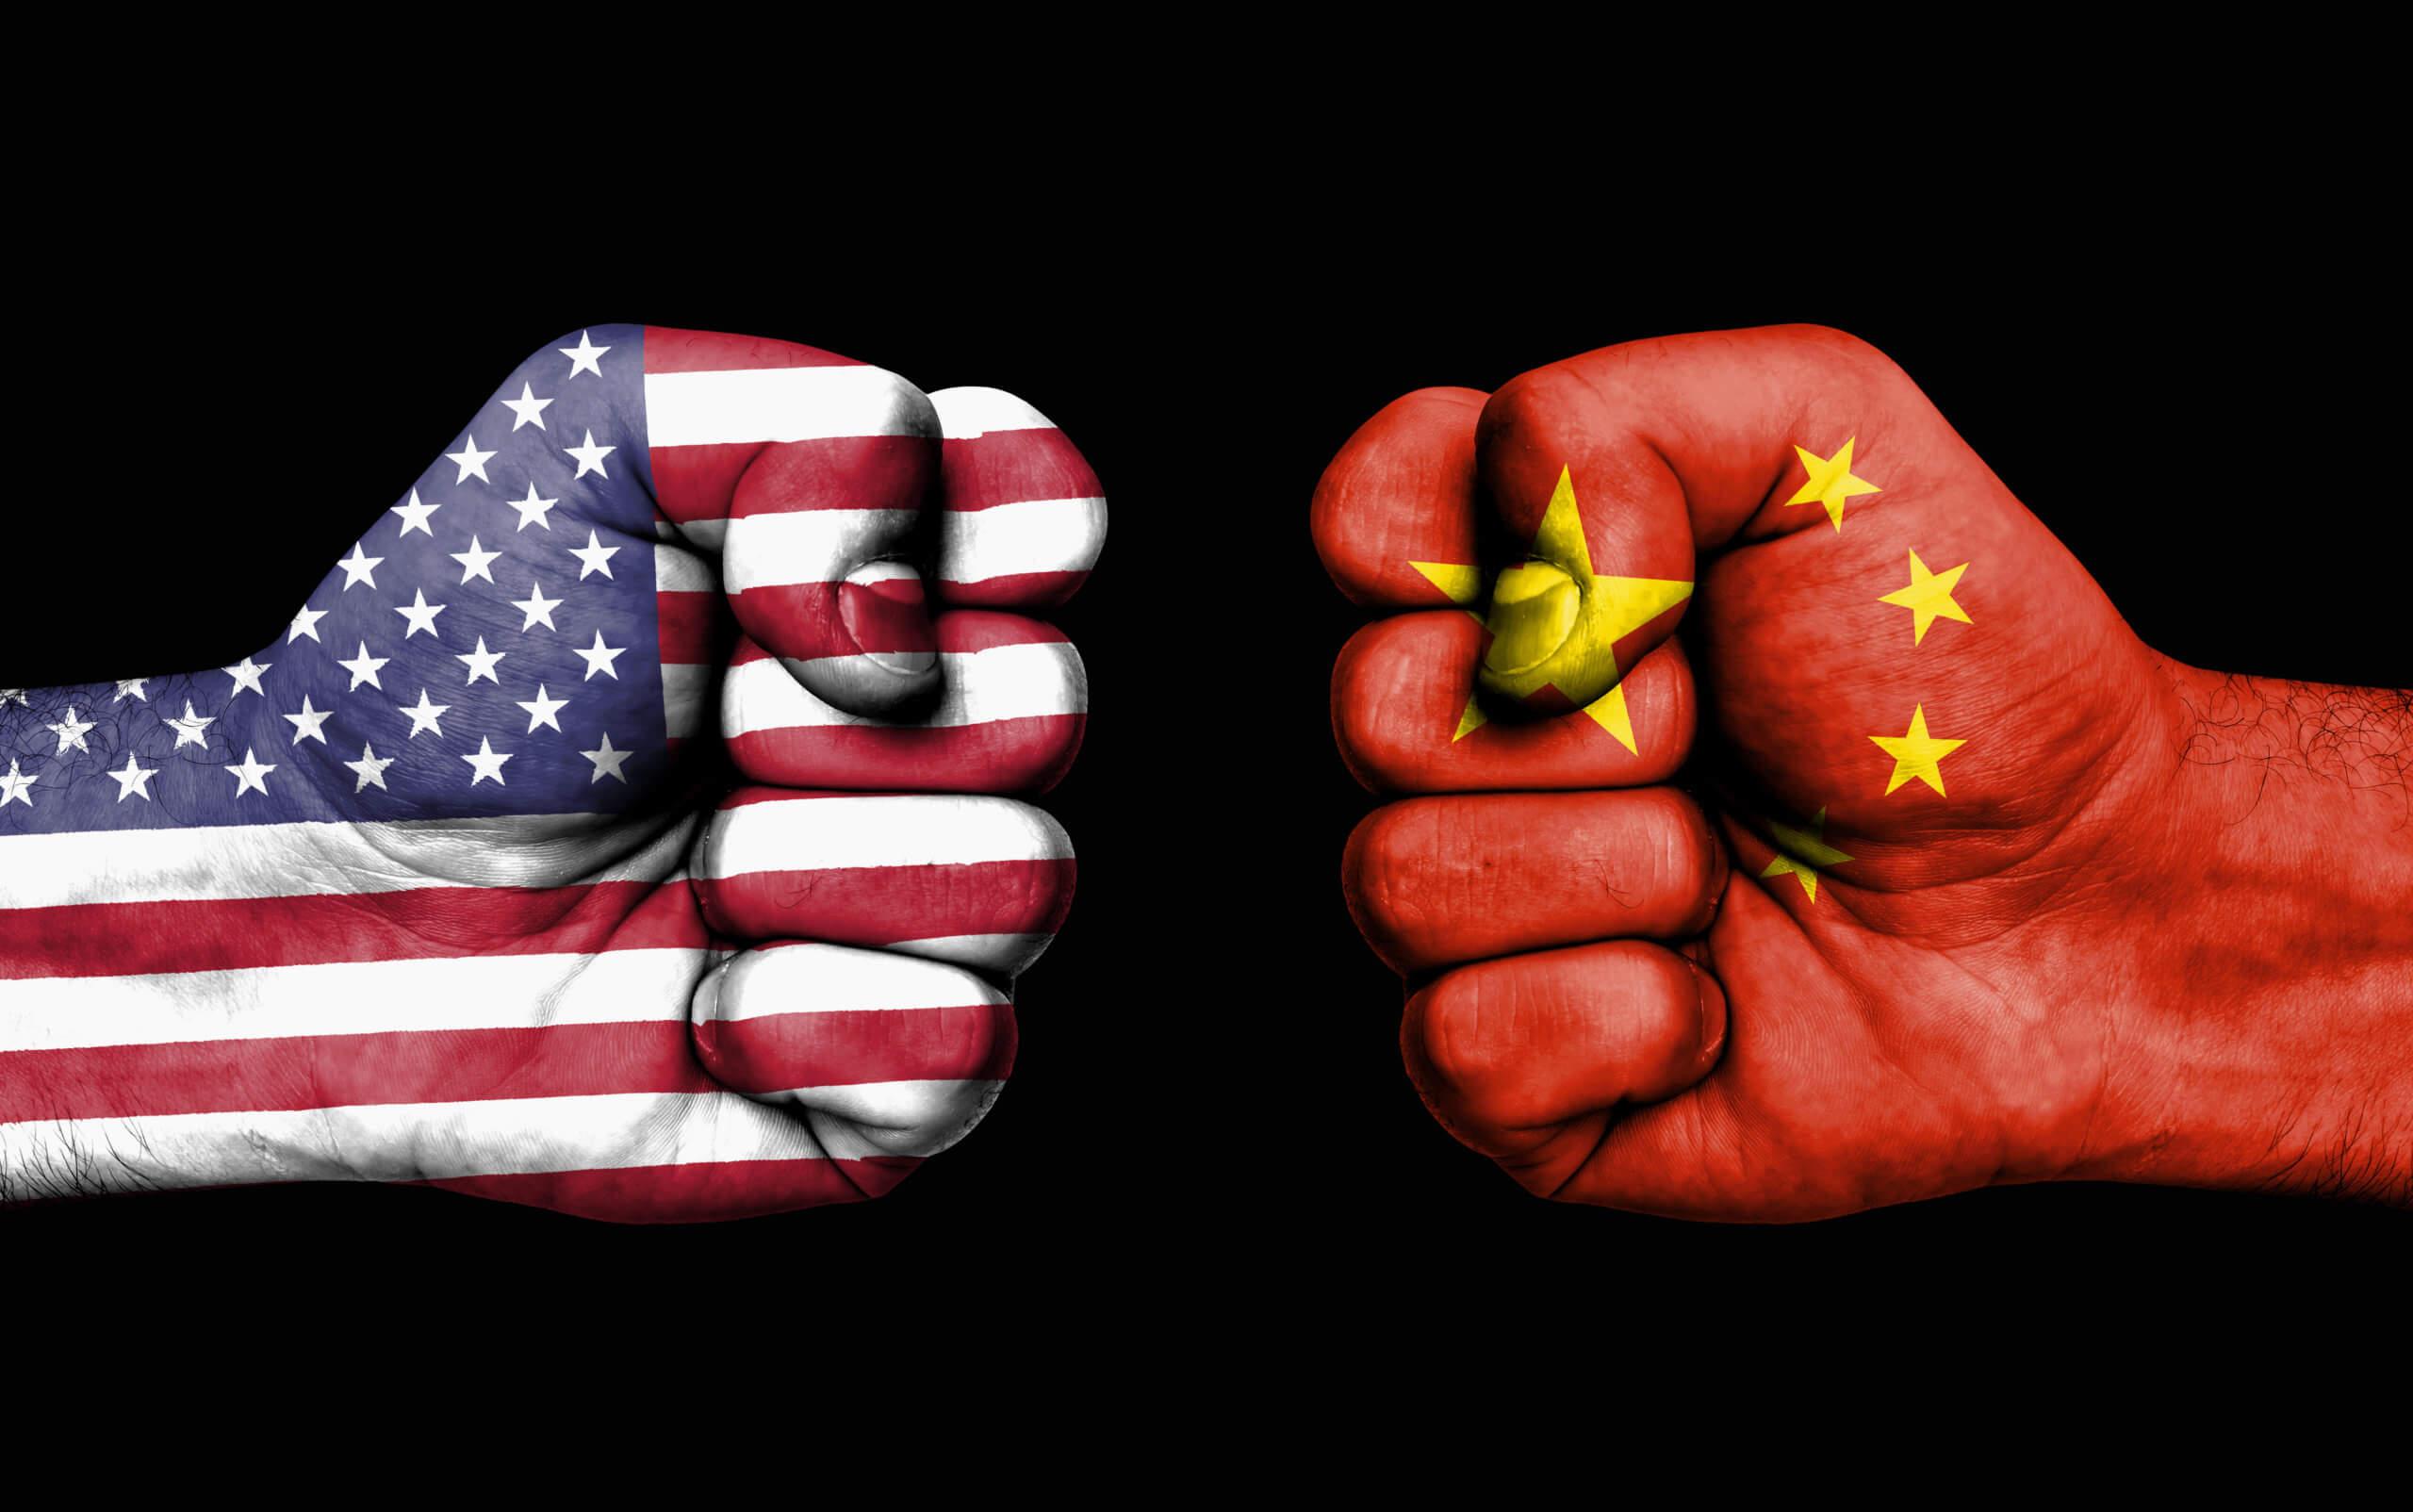 zwei fäuste, die auf einander zukommen, eine gefärbt mit der flagge der usa, die andere mit der flagge von china